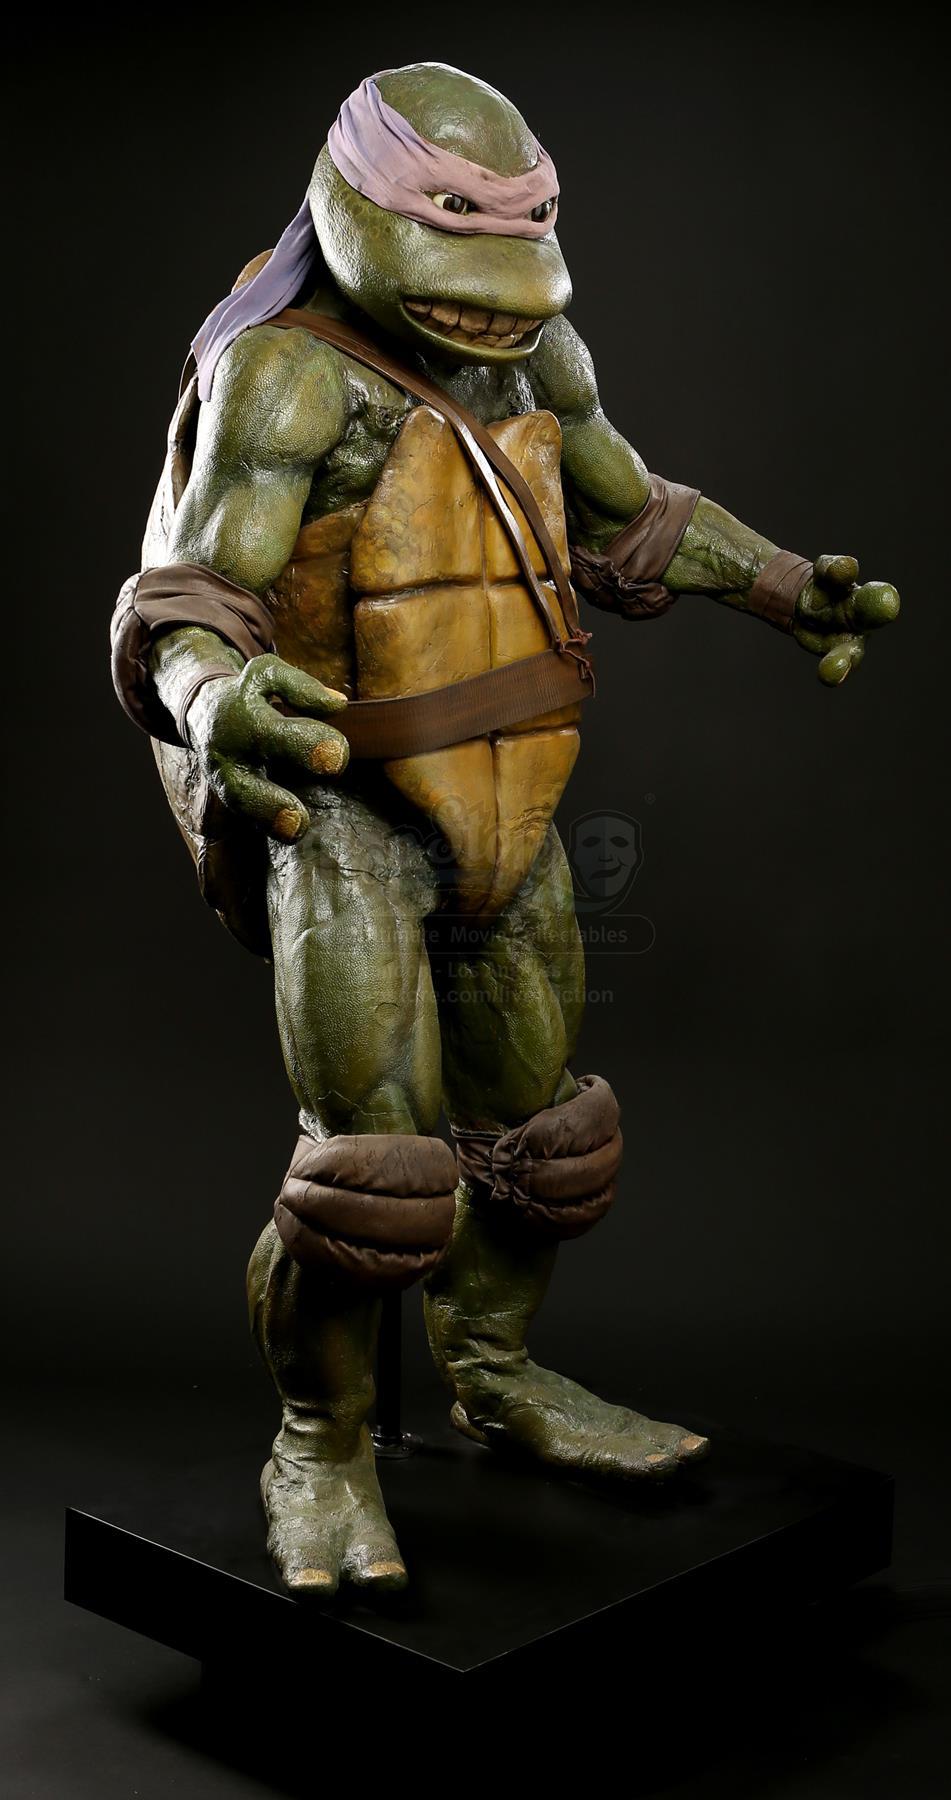 Teenage Mutant Ninja Turtles 1990 Leonardo Ninja Turtle Costume Display Current Price 9500